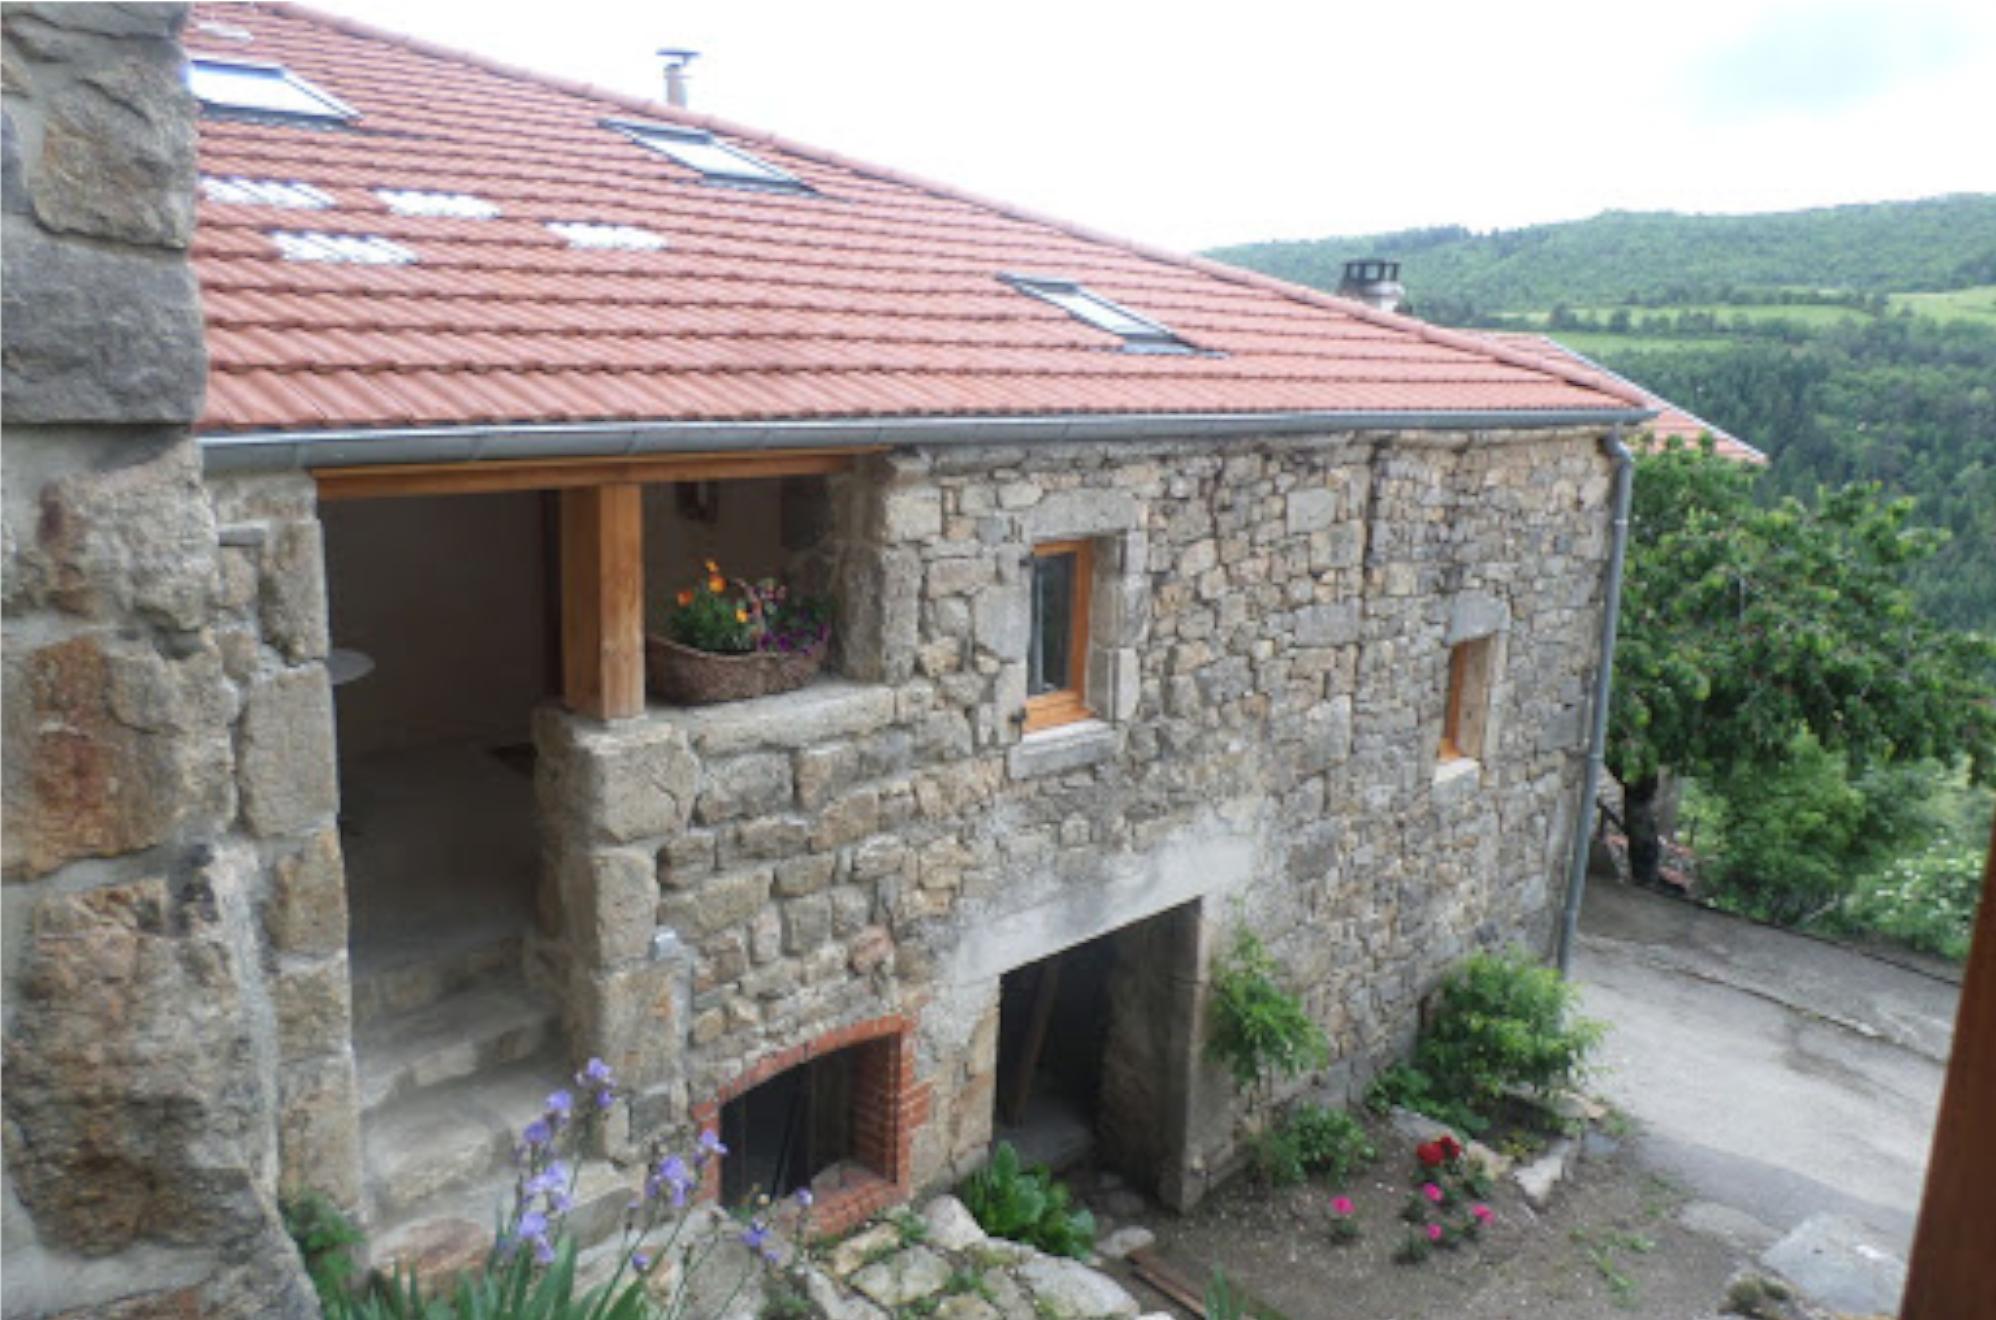 Gîte Les queues rousses (Saint-Symphorien-de-Mahun,Ardèche